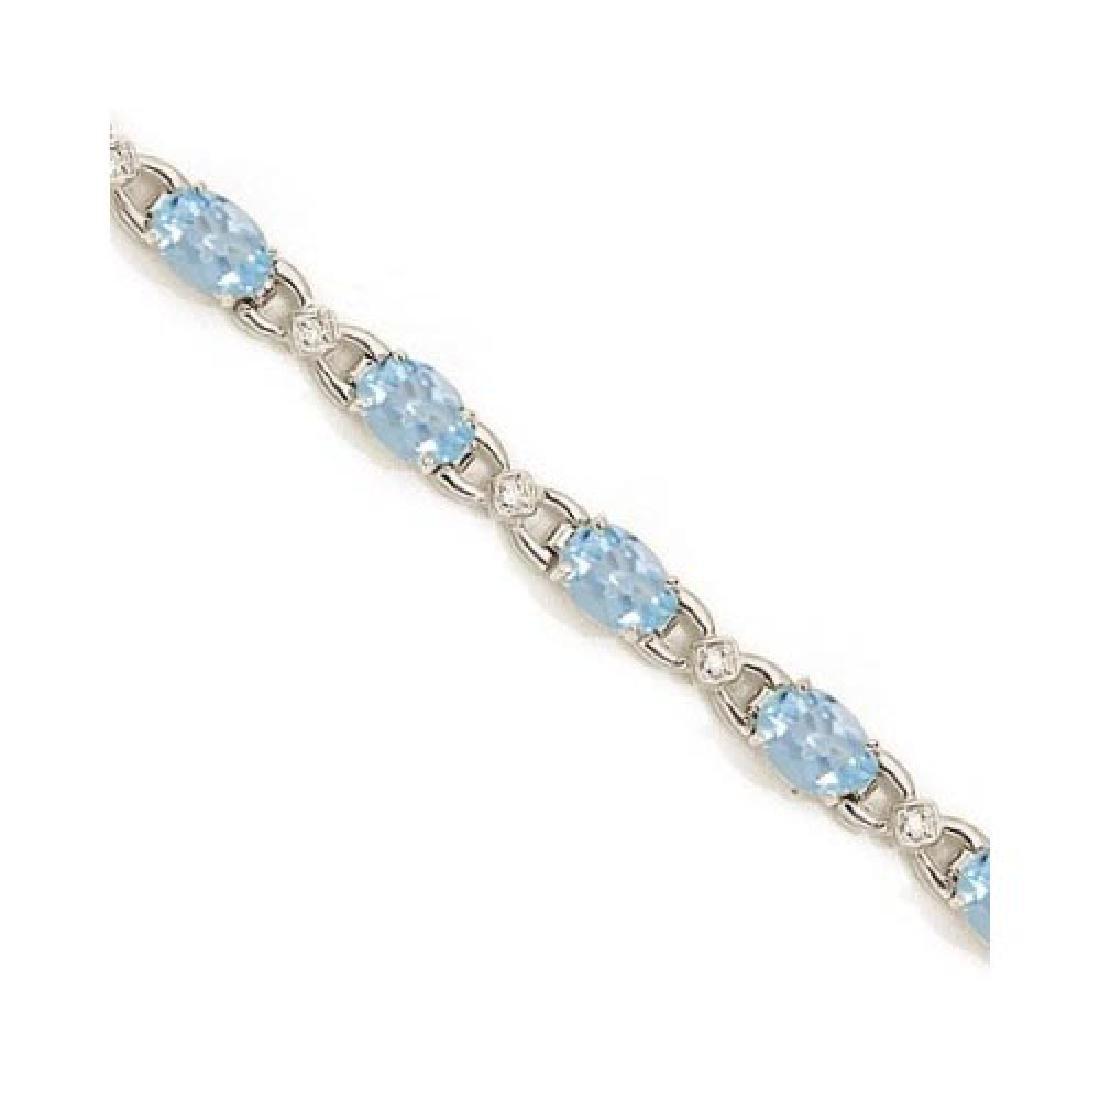 Diamond and Aquamarine Bracelet 14k White Gold (10.26 c